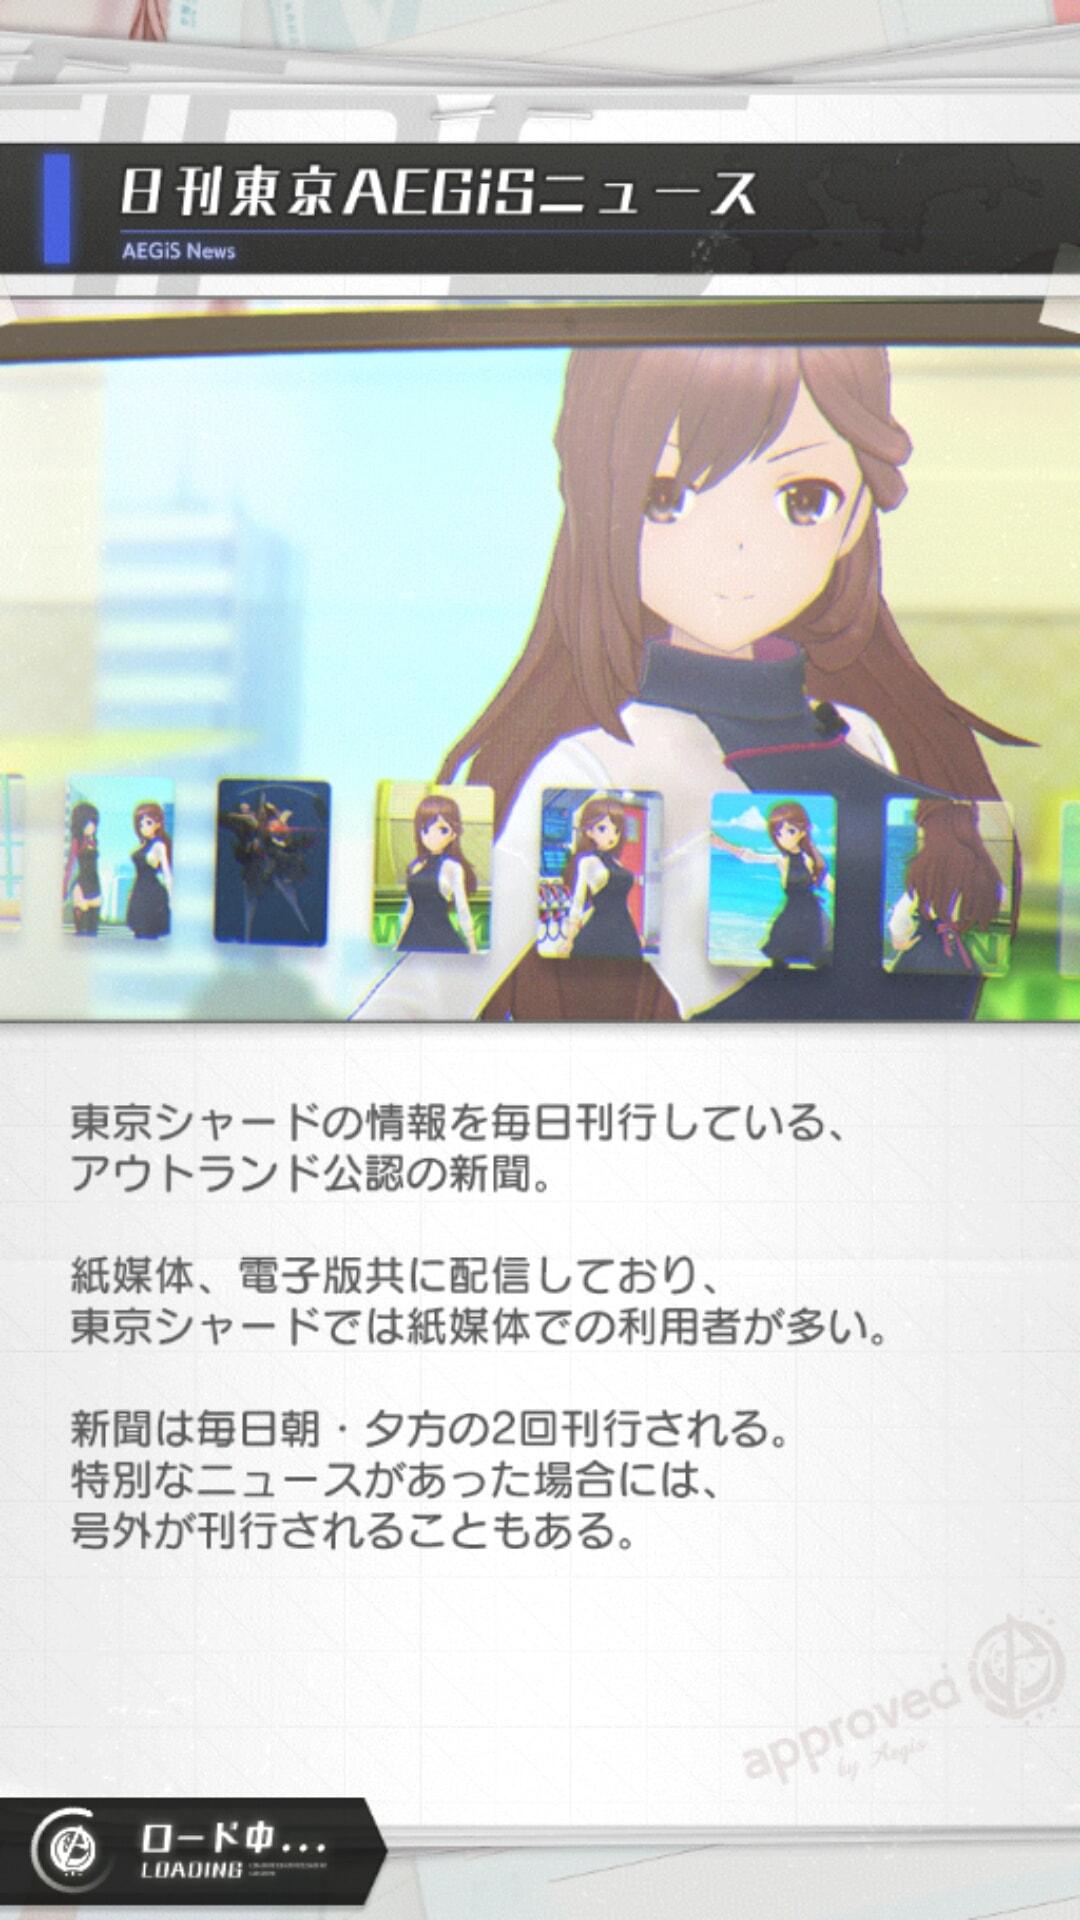 日刊東京AEGiSニュース.jpg